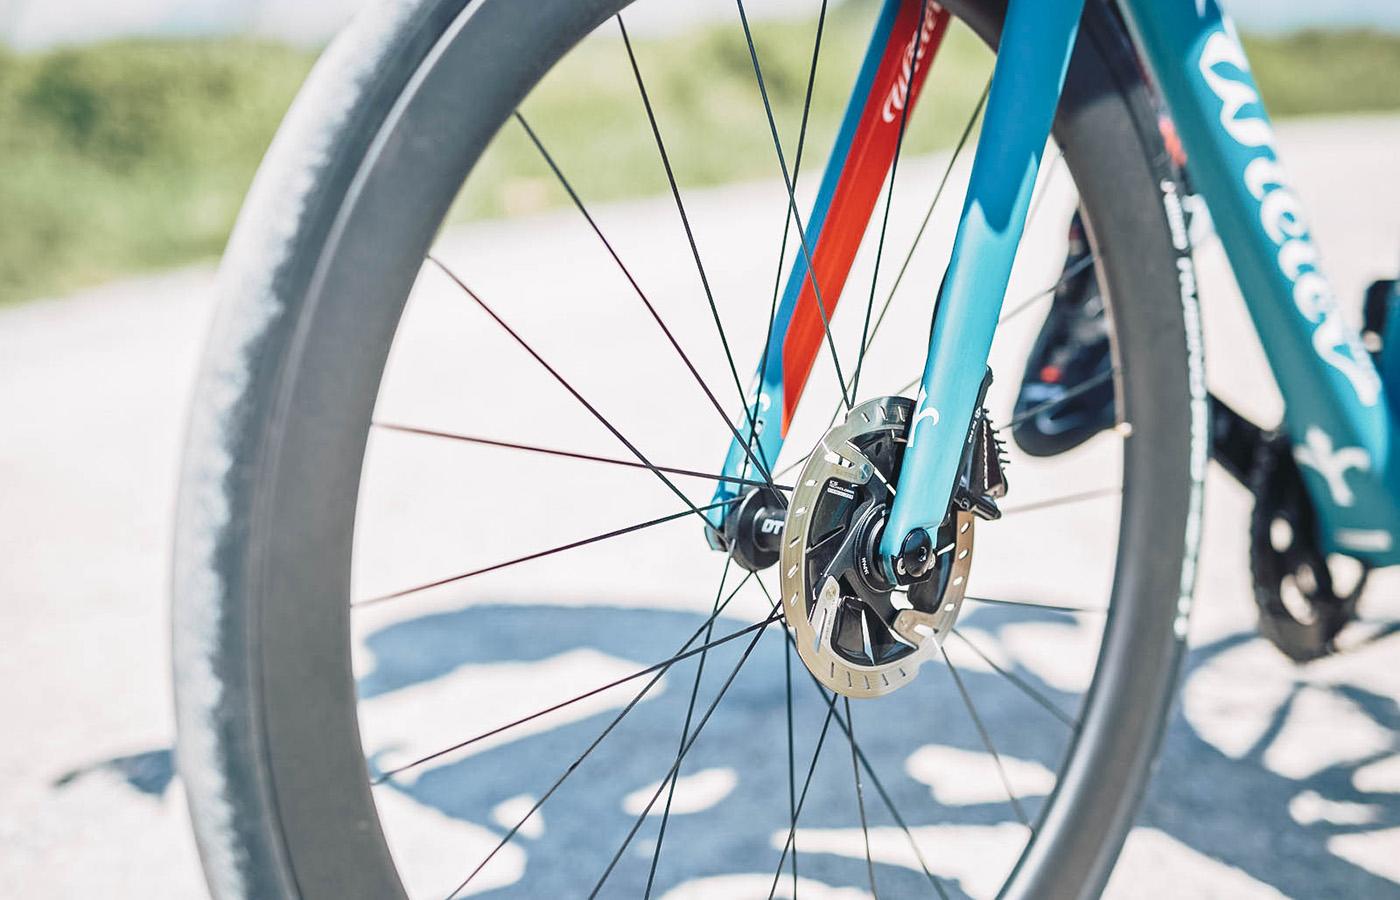 hydraulische Scheibenbremsen sorgen für punktgenaues Anhalten / Bildquelle: Wilier Triestina